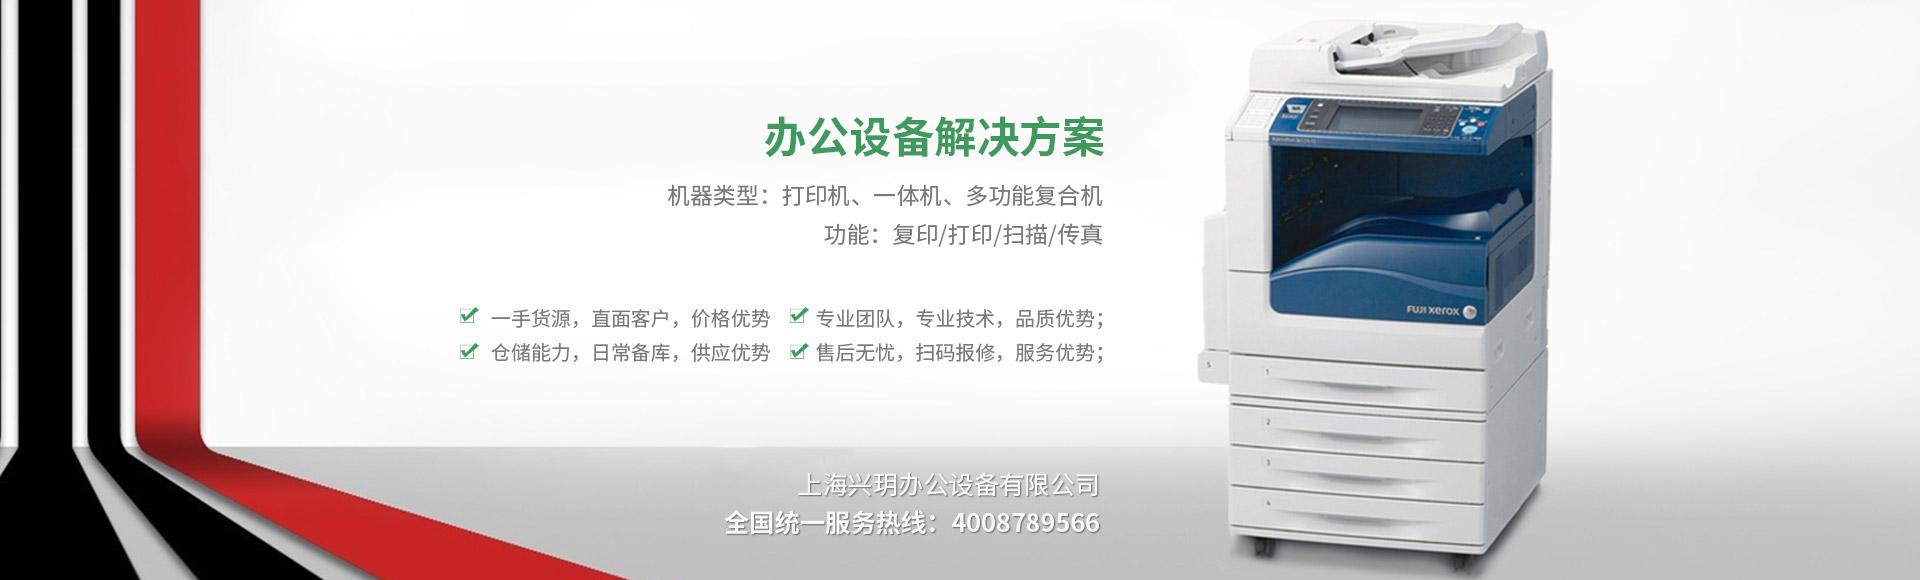 上海兴玥办公设备有限公司